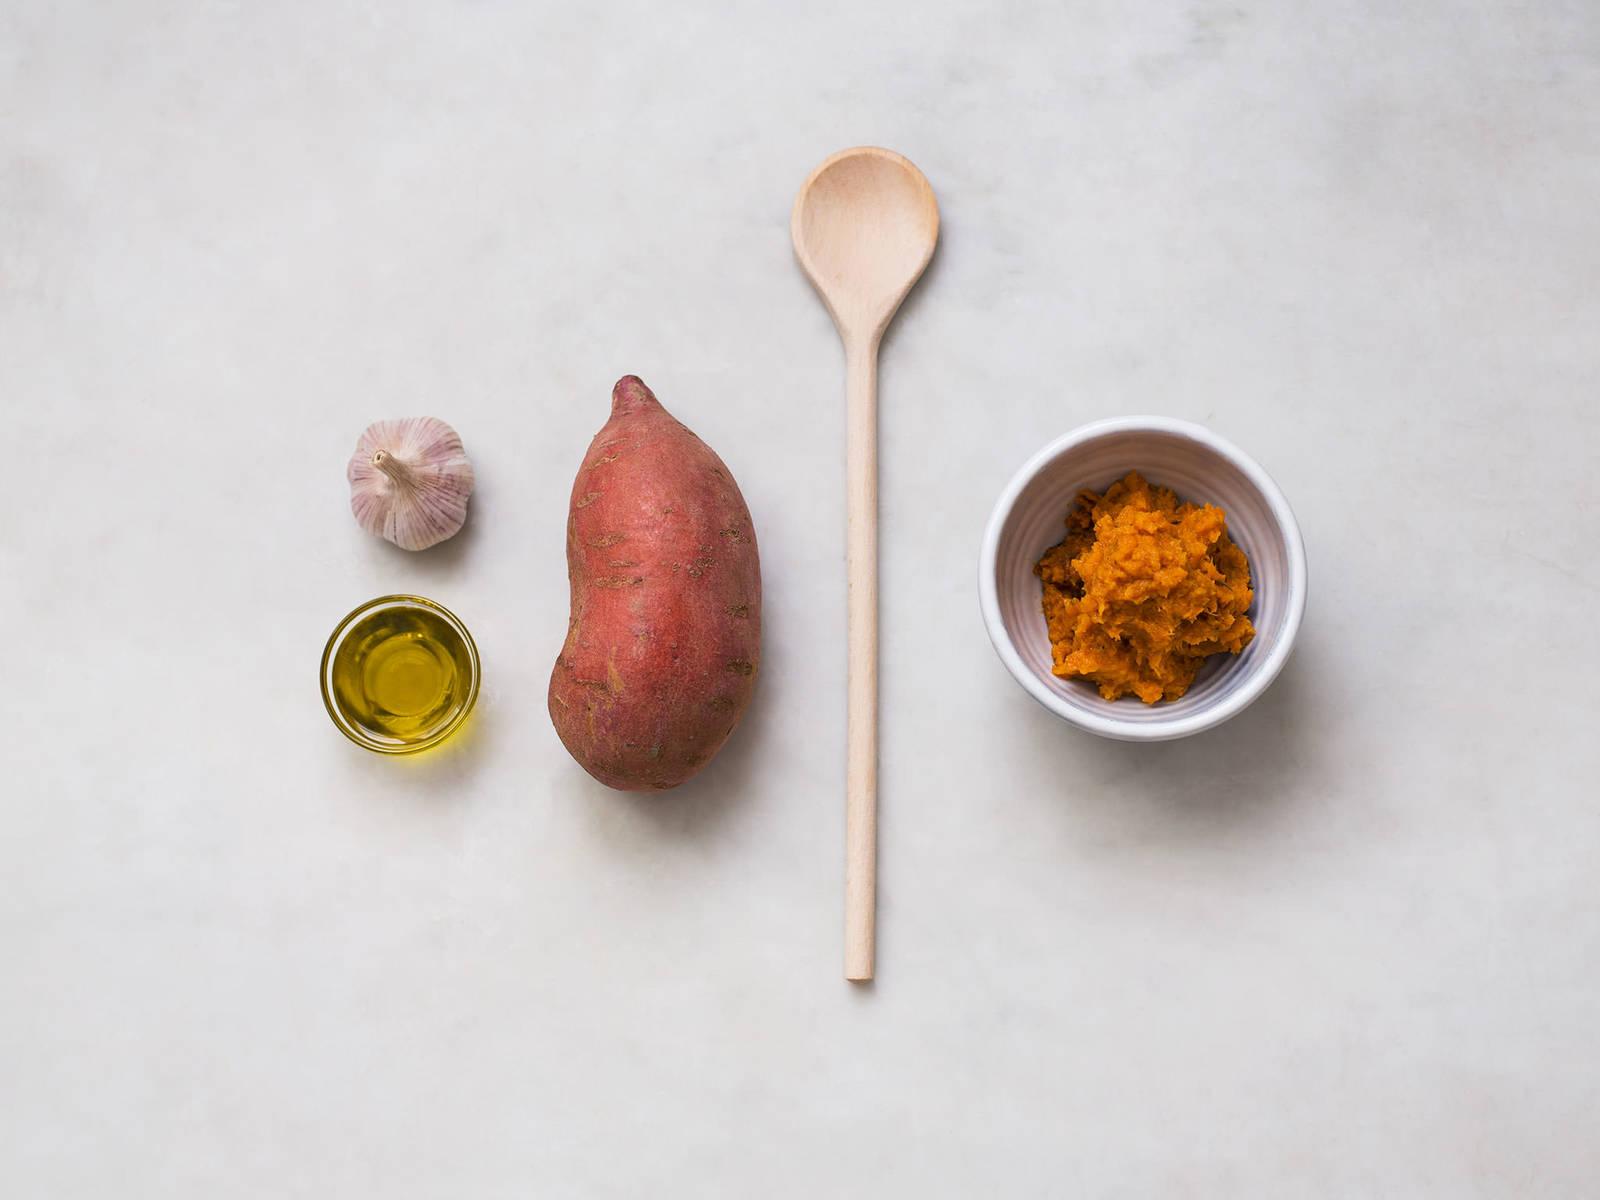 Süßkartoffelpüree selbst herstellen